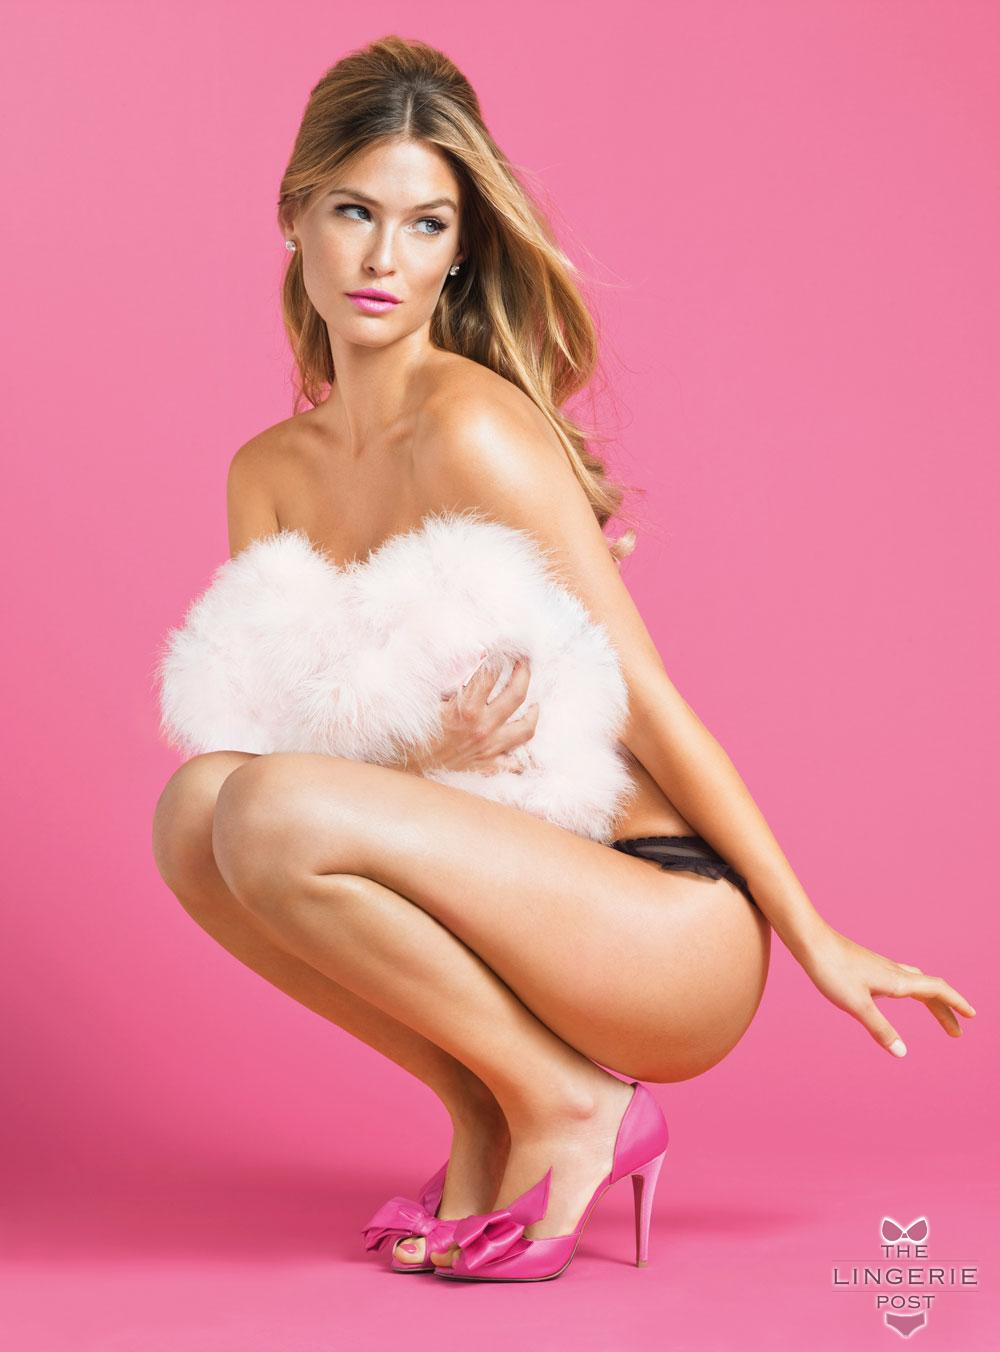 Super%2BSexy%2BBar%2BRefaeli%2BModels%2BLingerie%2BFor%2BPassionata%2Bwww.GutterUncensored.com%2Bbar refaeli lingerie passionata 08 Bikini Hollywood Blog Presents Femilet lingerie Fall 2010 Photoshoot